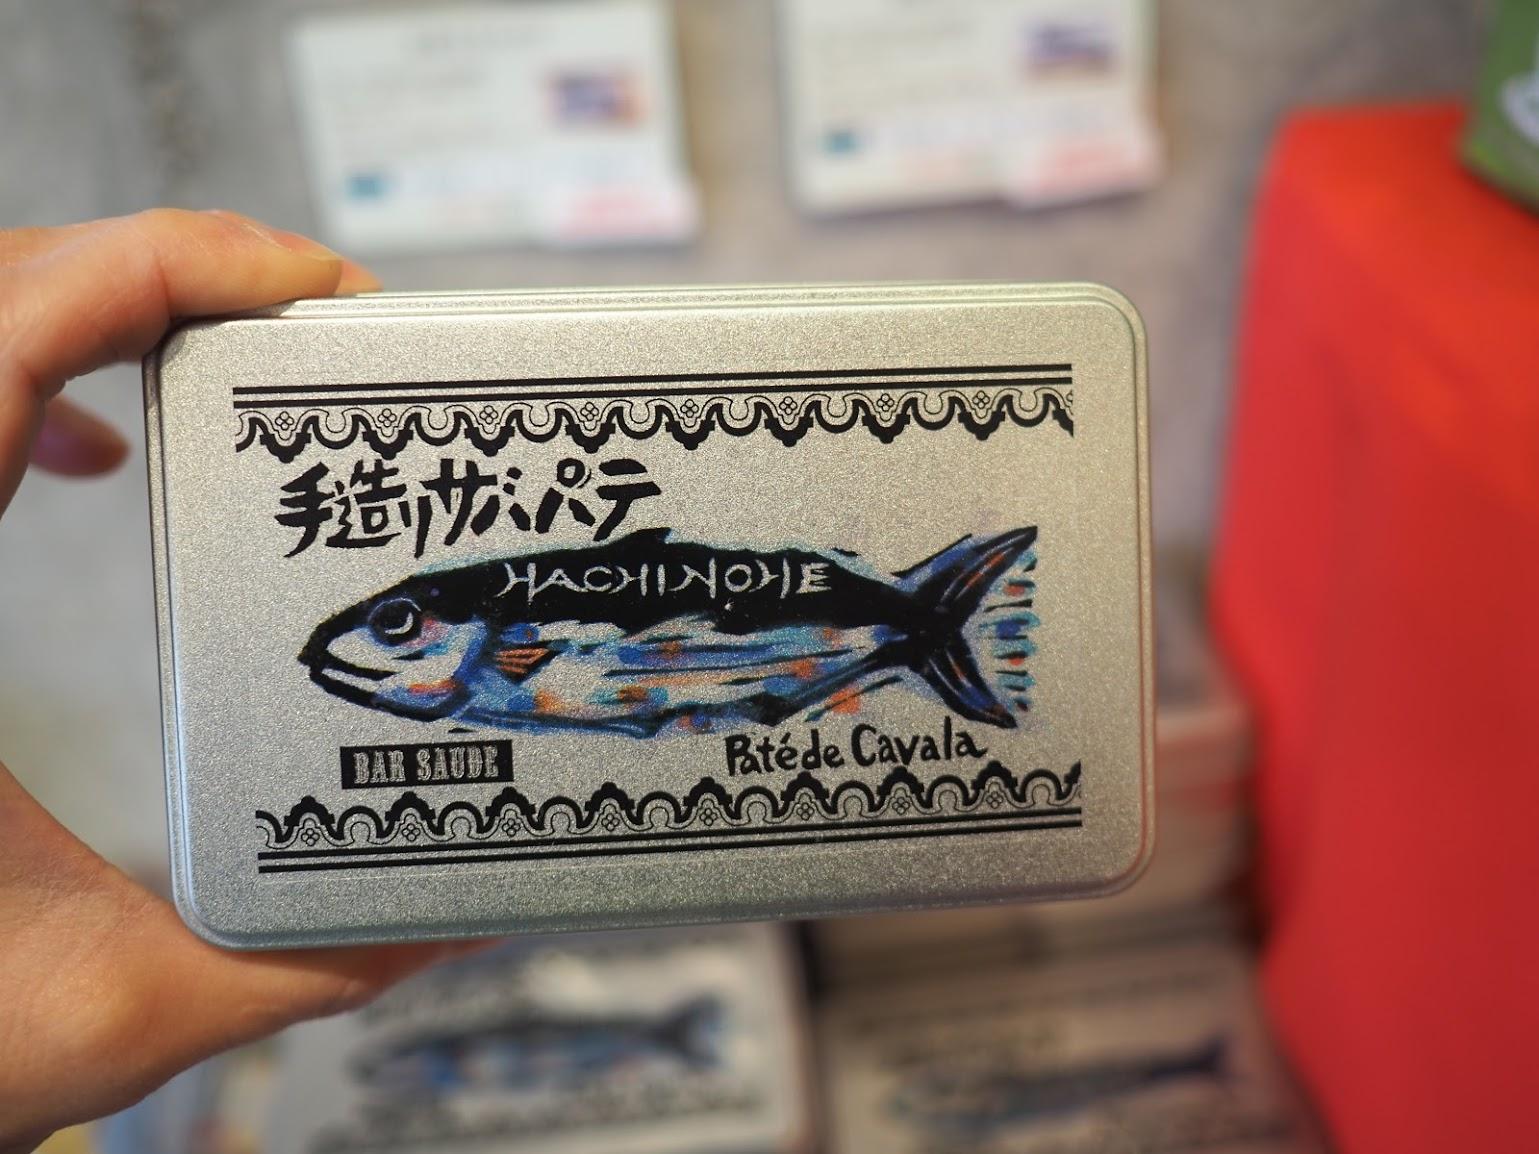 ポルトガルが大好きな八戸BarSaudeのシェフ作!地元の魚を使ったポルトガル風お魚ペースト初登場!